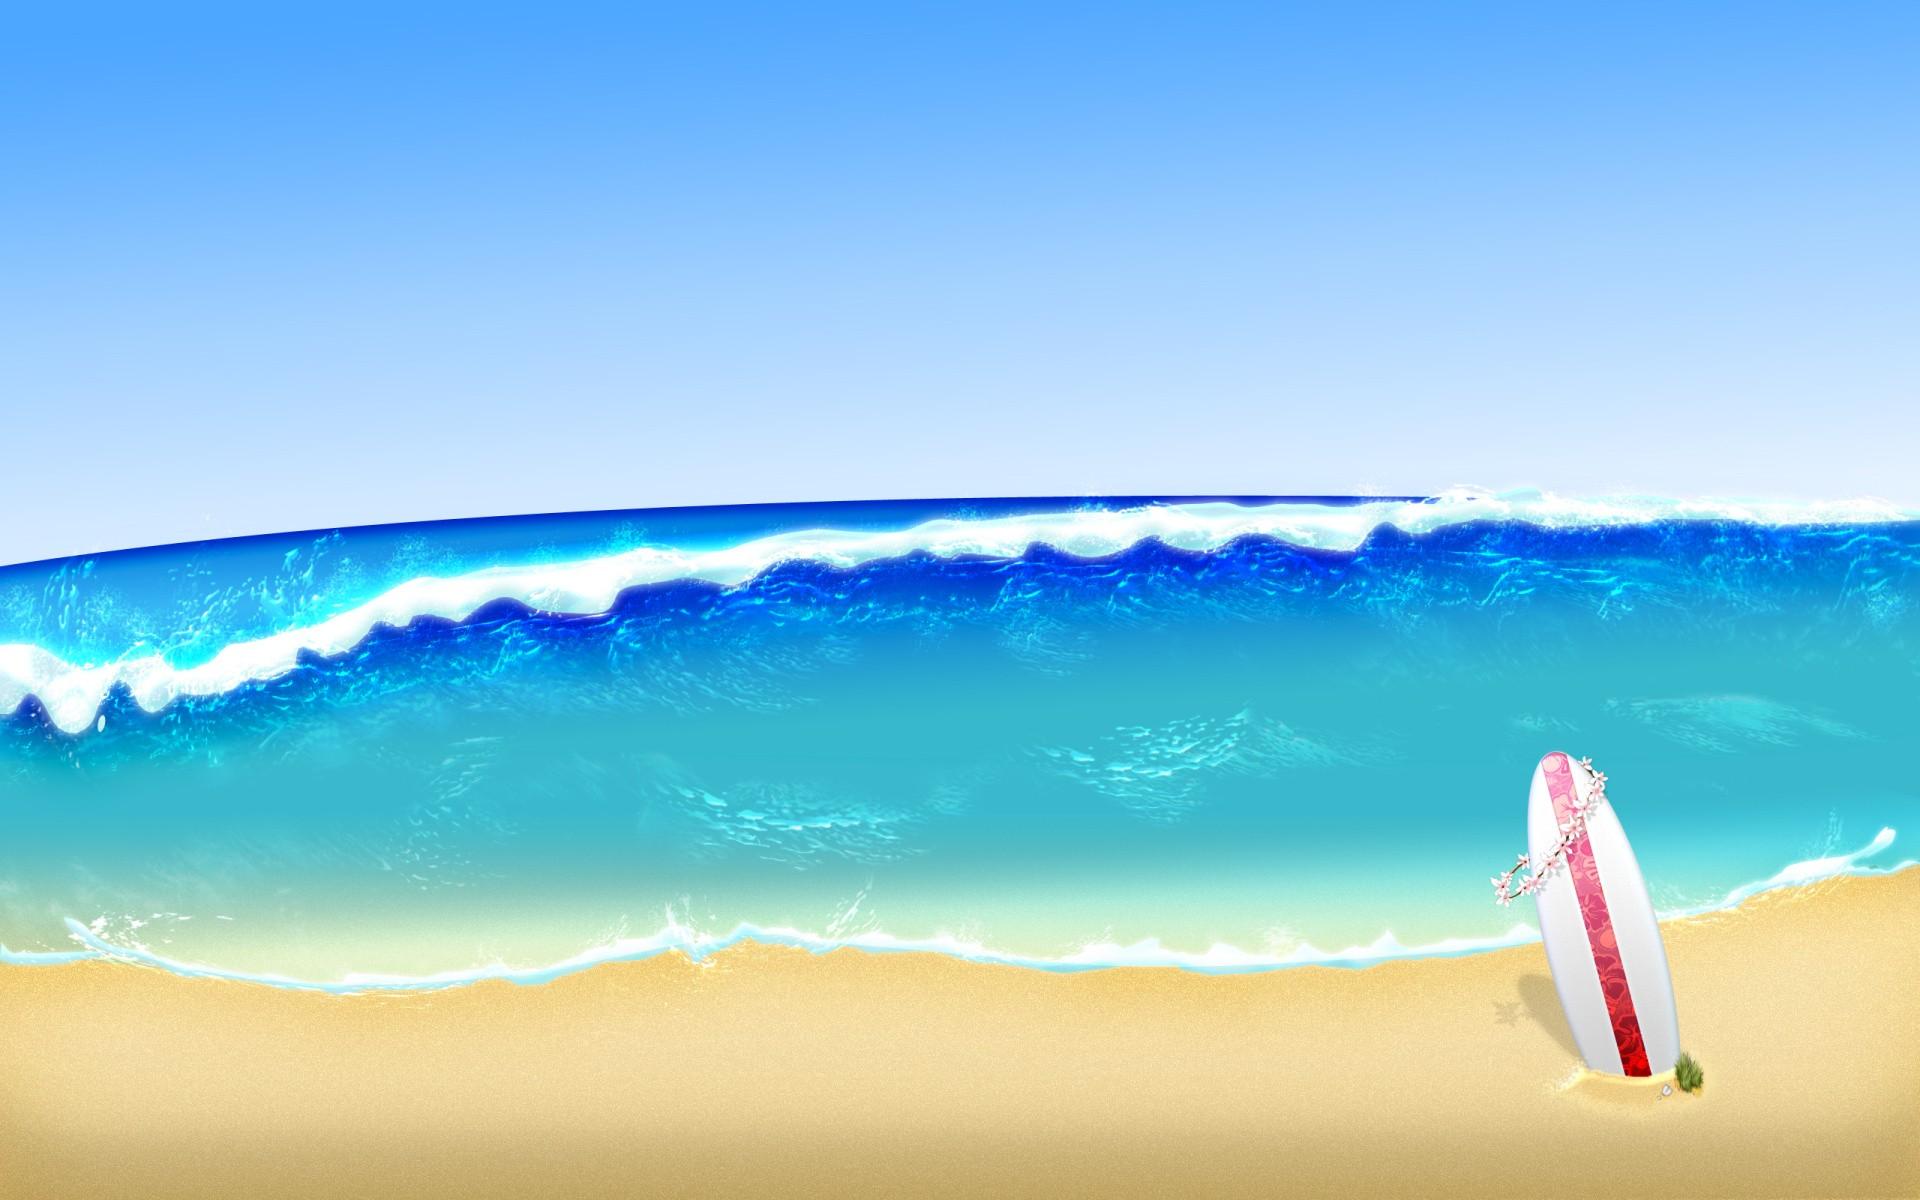 Sfondi Mare Sabbia Cielo Spiaggia Blu Tavole Da Surf Onde